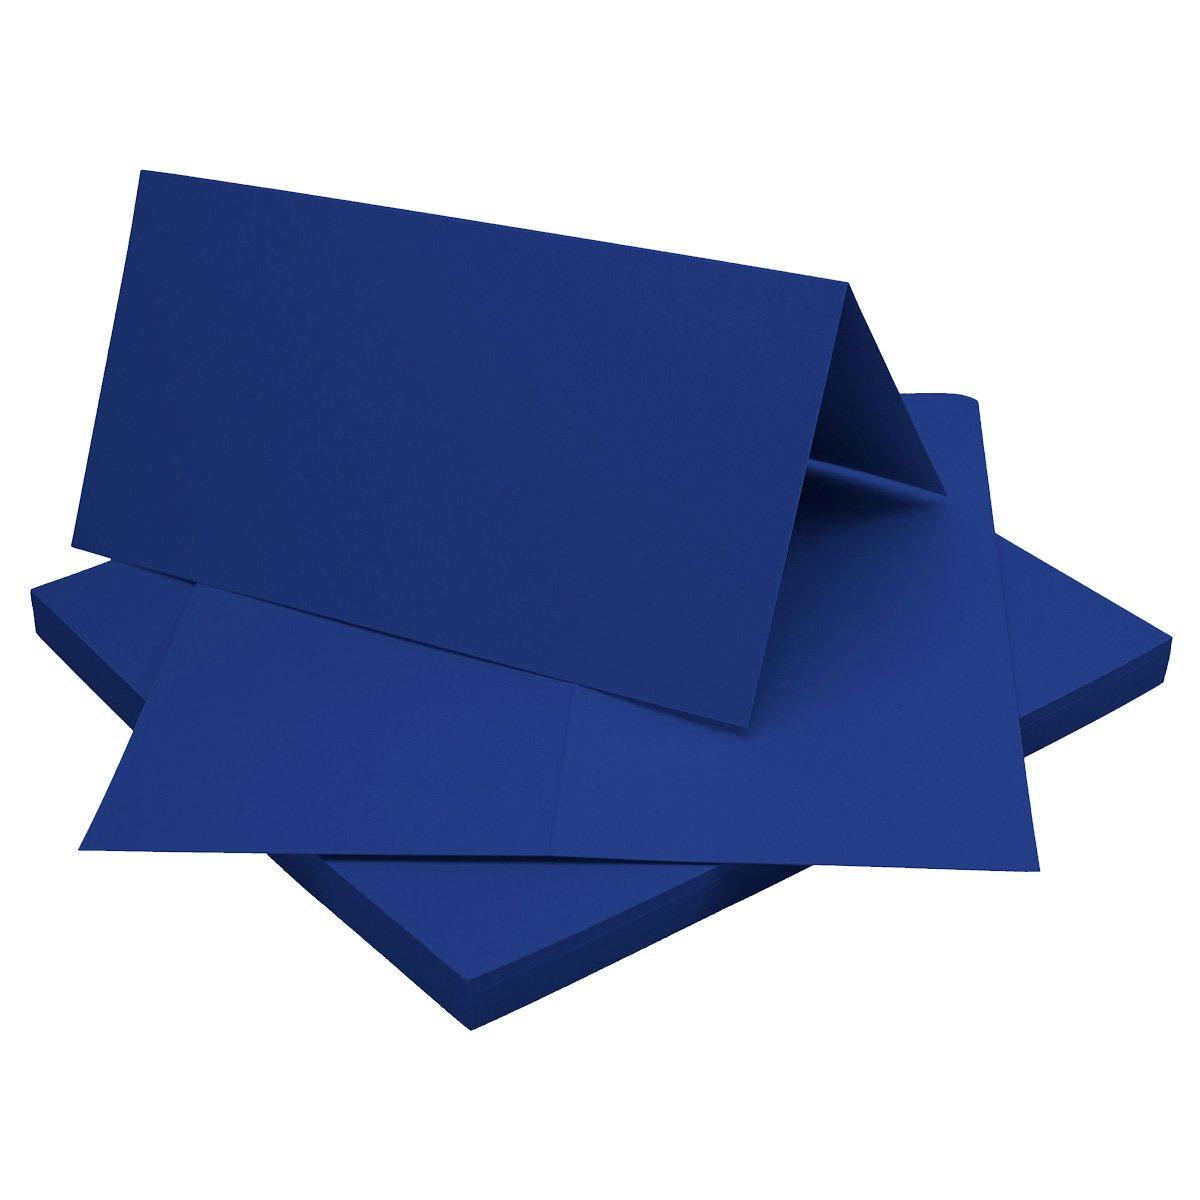 Faltkarten Din Lang   Schwarz   500 Stück   Premium Qualität - 10,5 x 21 cm - Sehr formstabil -Ideal für Grußkarten und Einladungen - Qualitätsmarke  NEUSER FarbenFroh B07FKN5J66 | Sehr gelobt und vom Publikum der Verbraucher ges